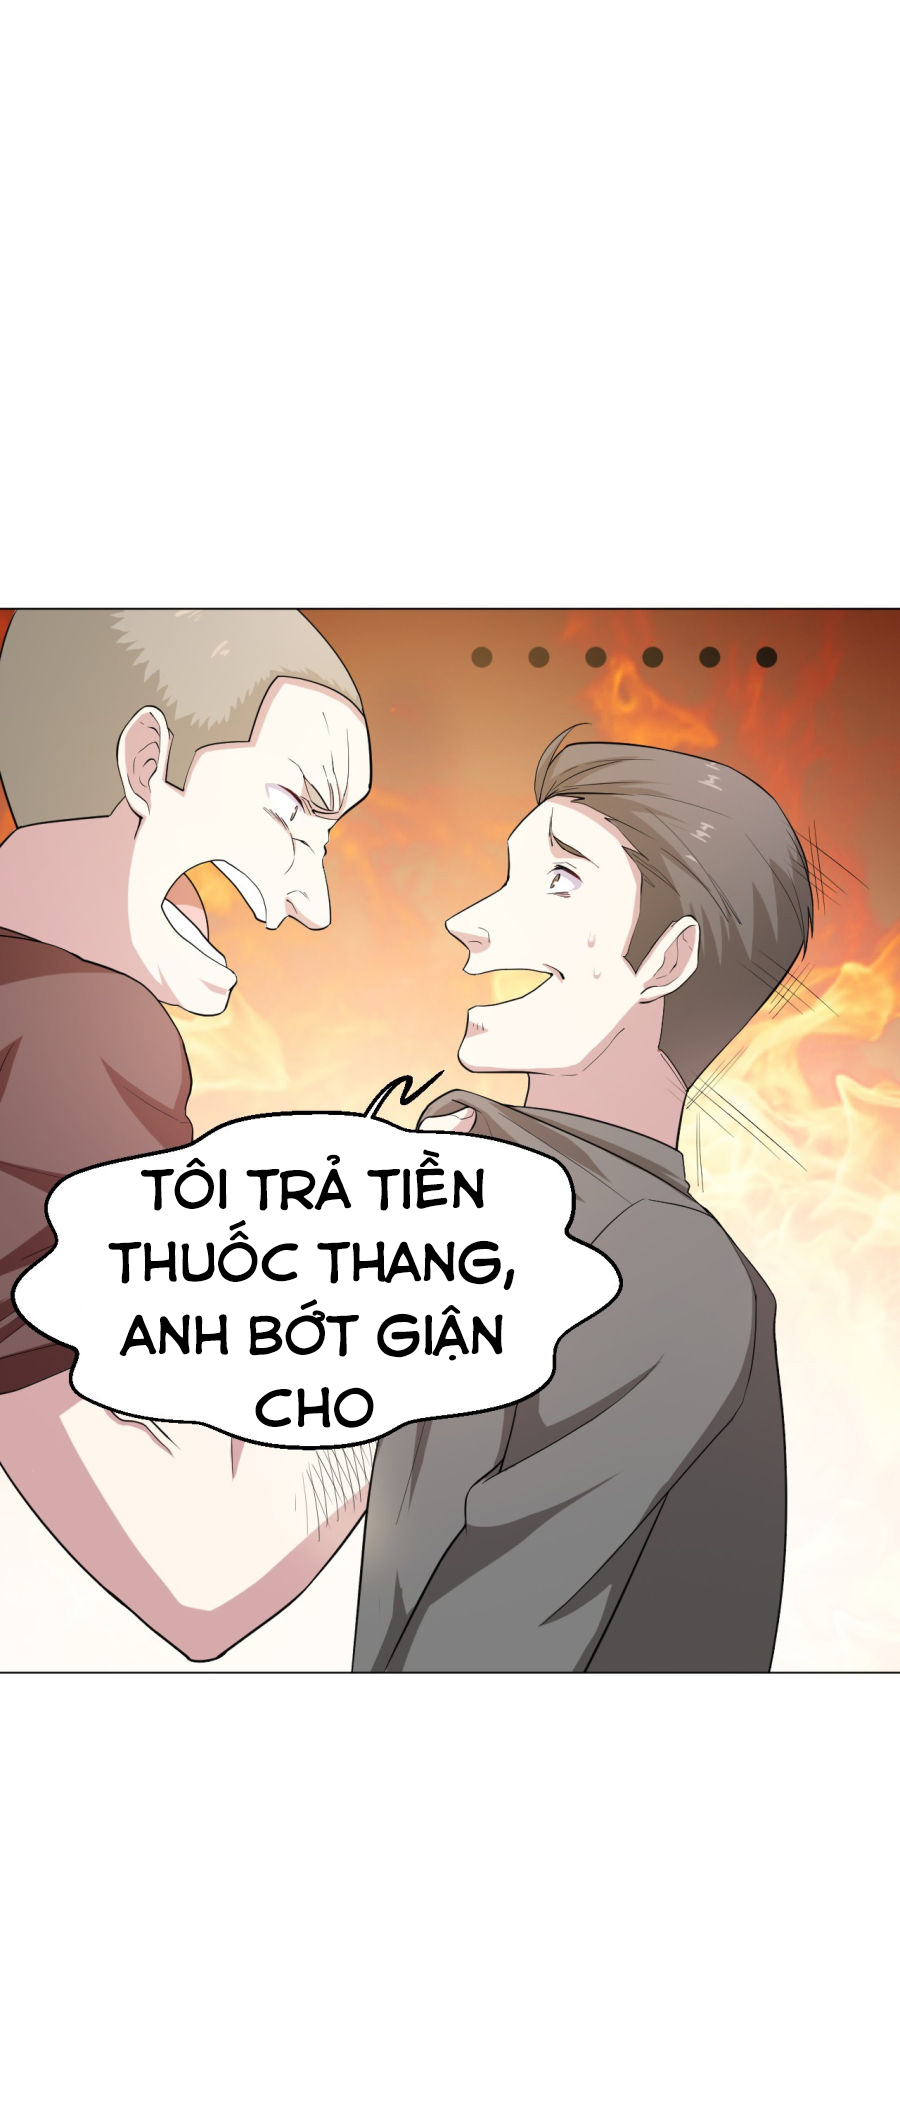 Tay Chơi Thần Cấp Chapter 6 video - Hamtruyen.vn